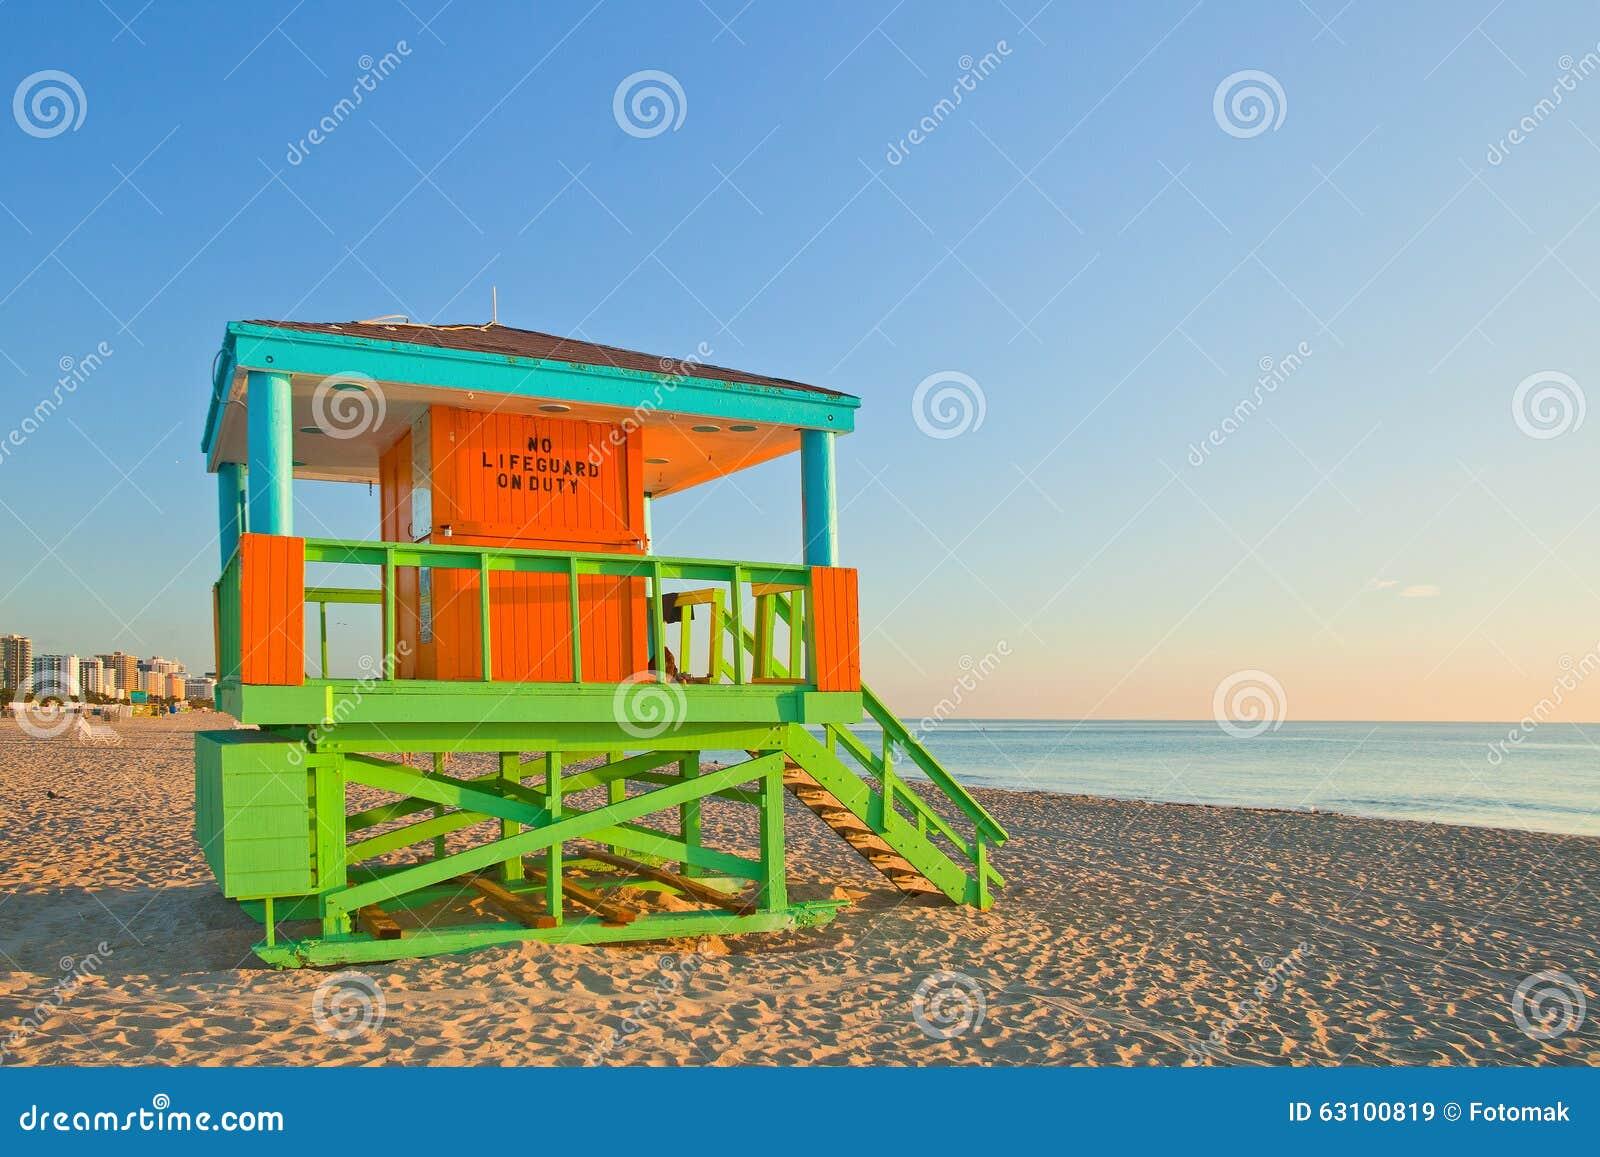 Sonnenaufgang im Miami Beach Florida, mit einem bunten Leibwächterhaus